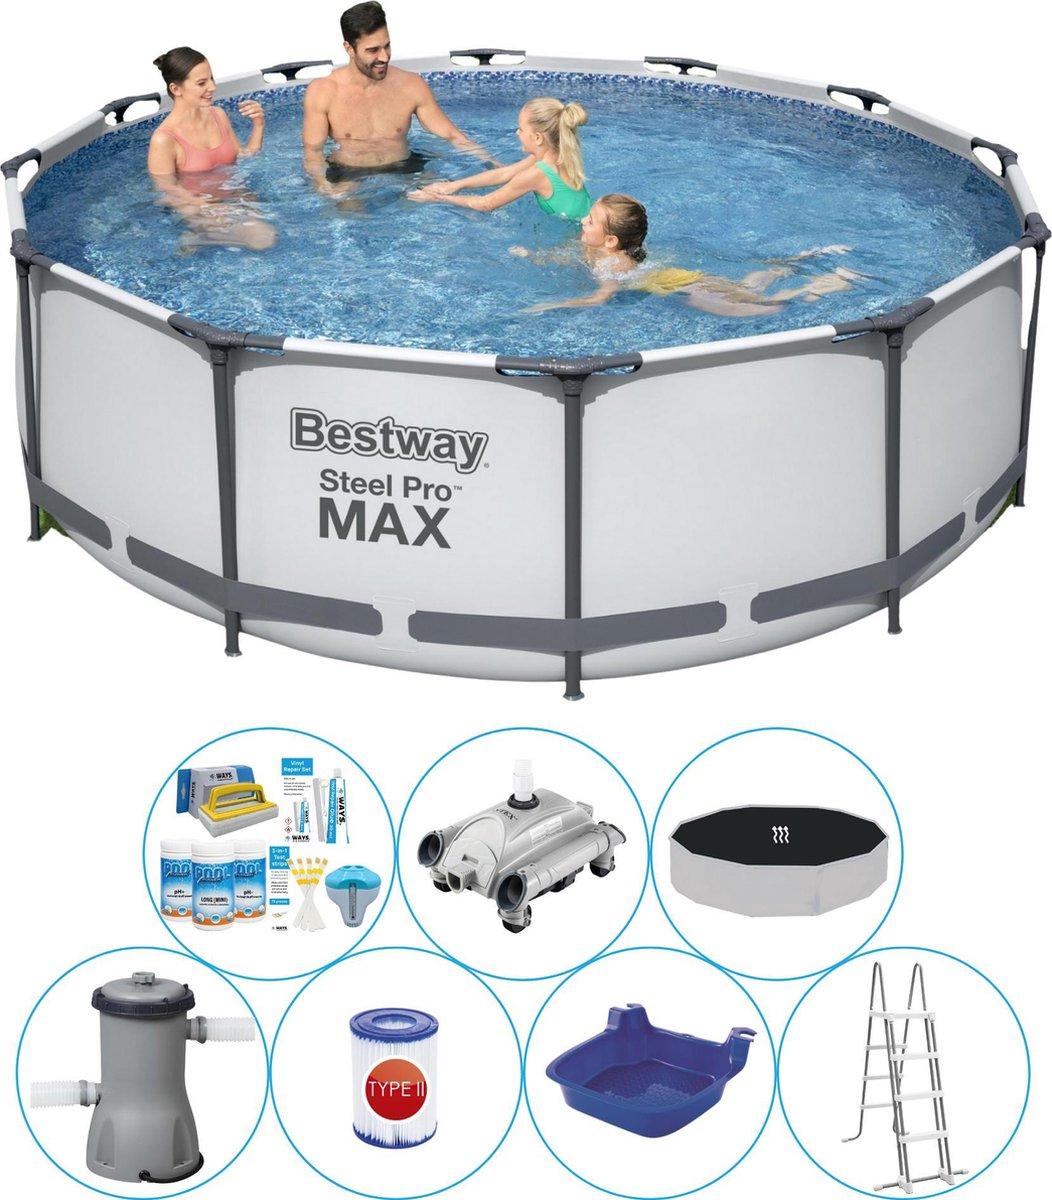 Zwembad Combinatie Set - Bestway Steel Pro MAX Rond 366x100 cm